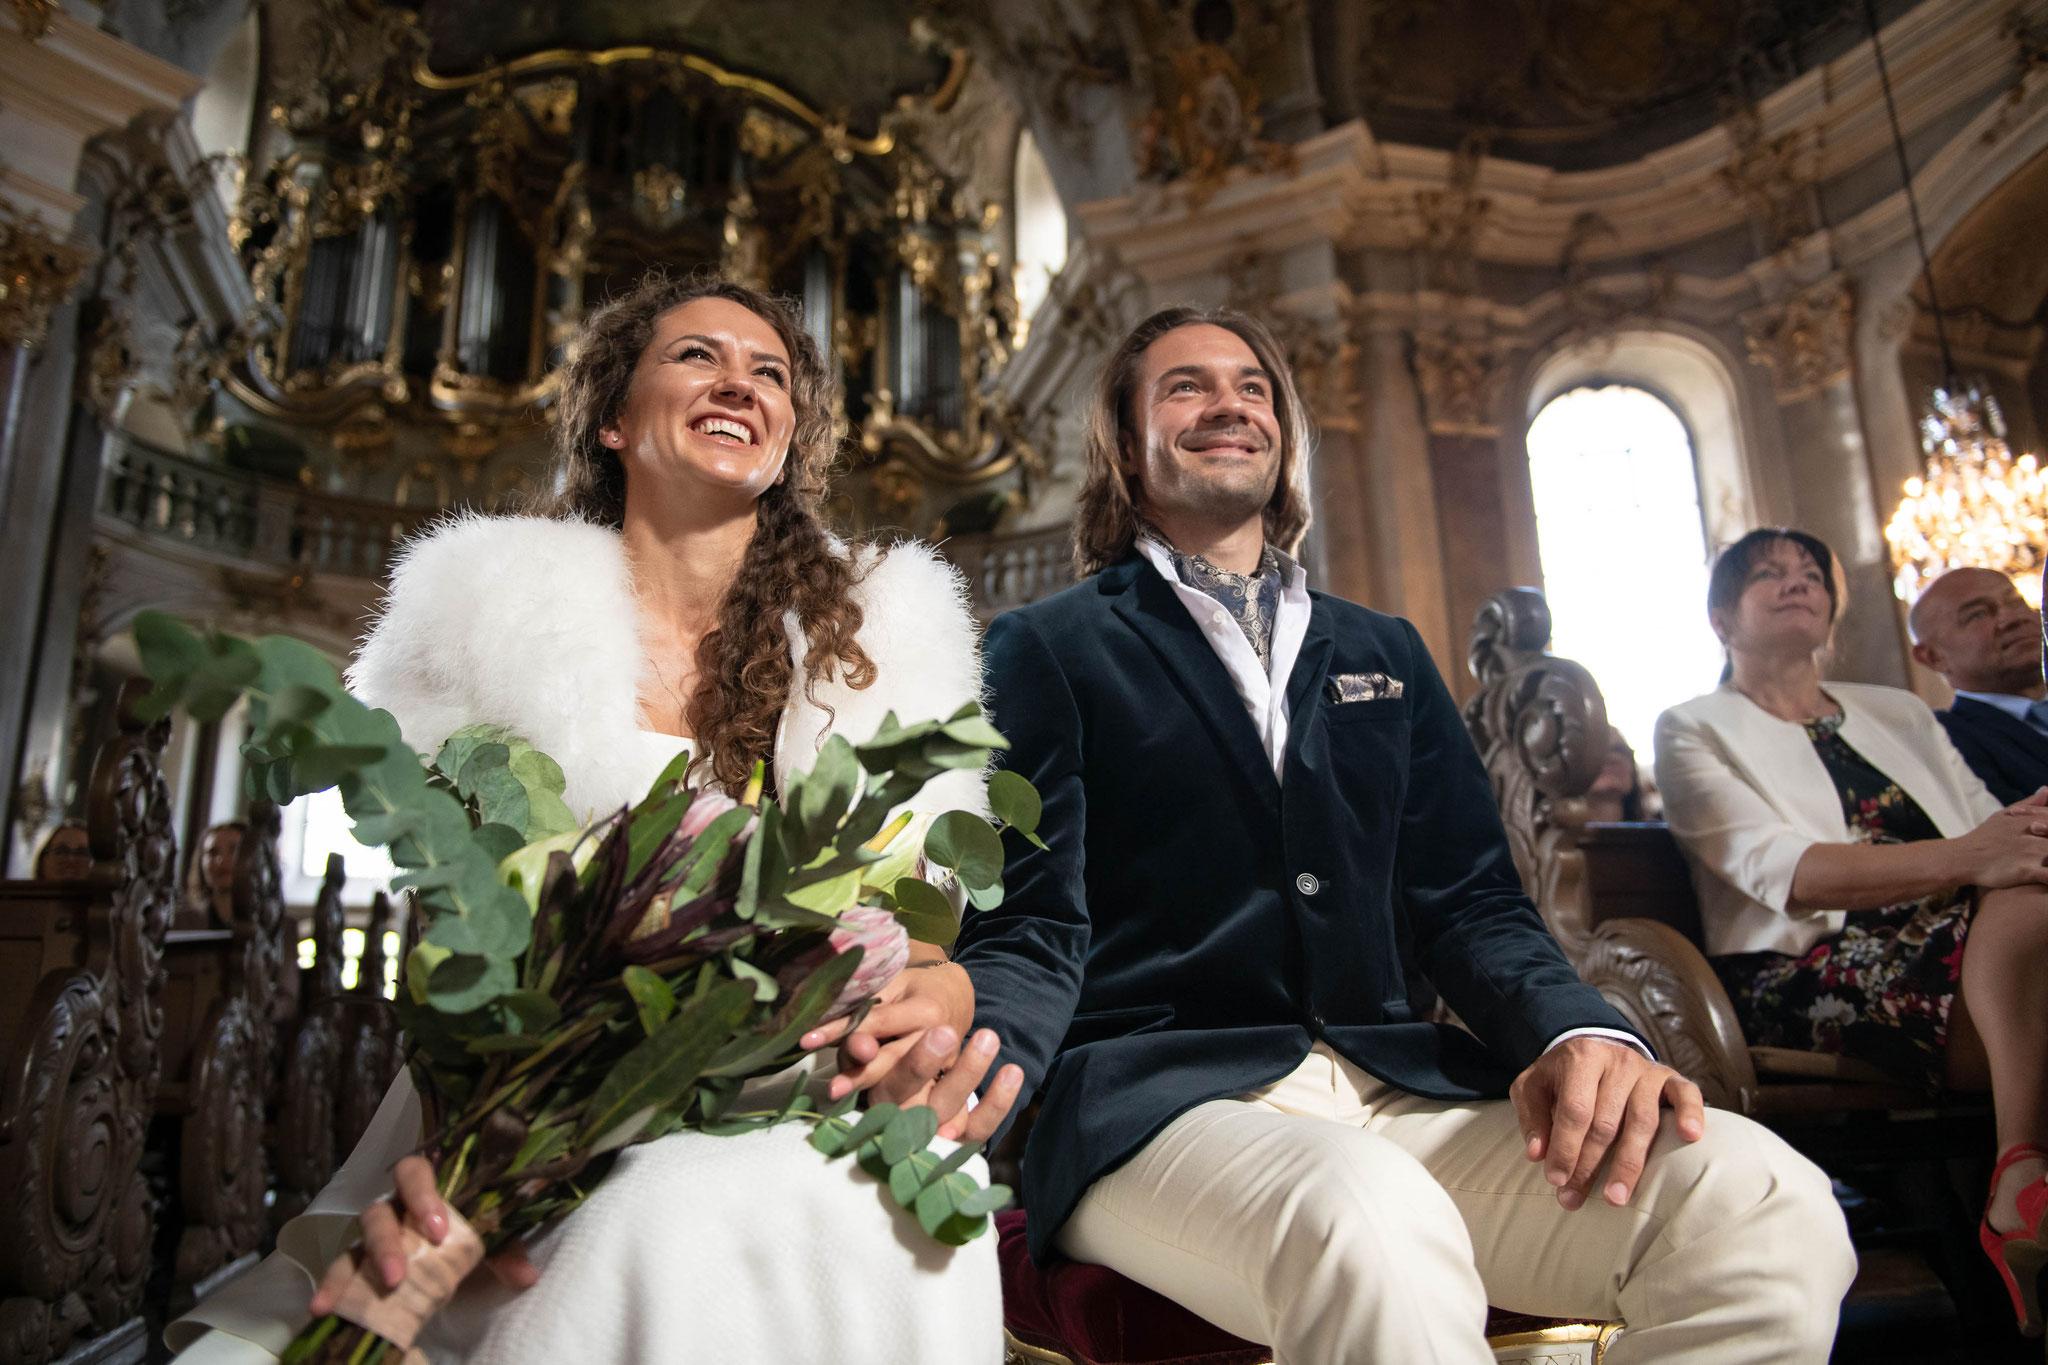 Das Brautpaar während der Trauung vor dem Altar